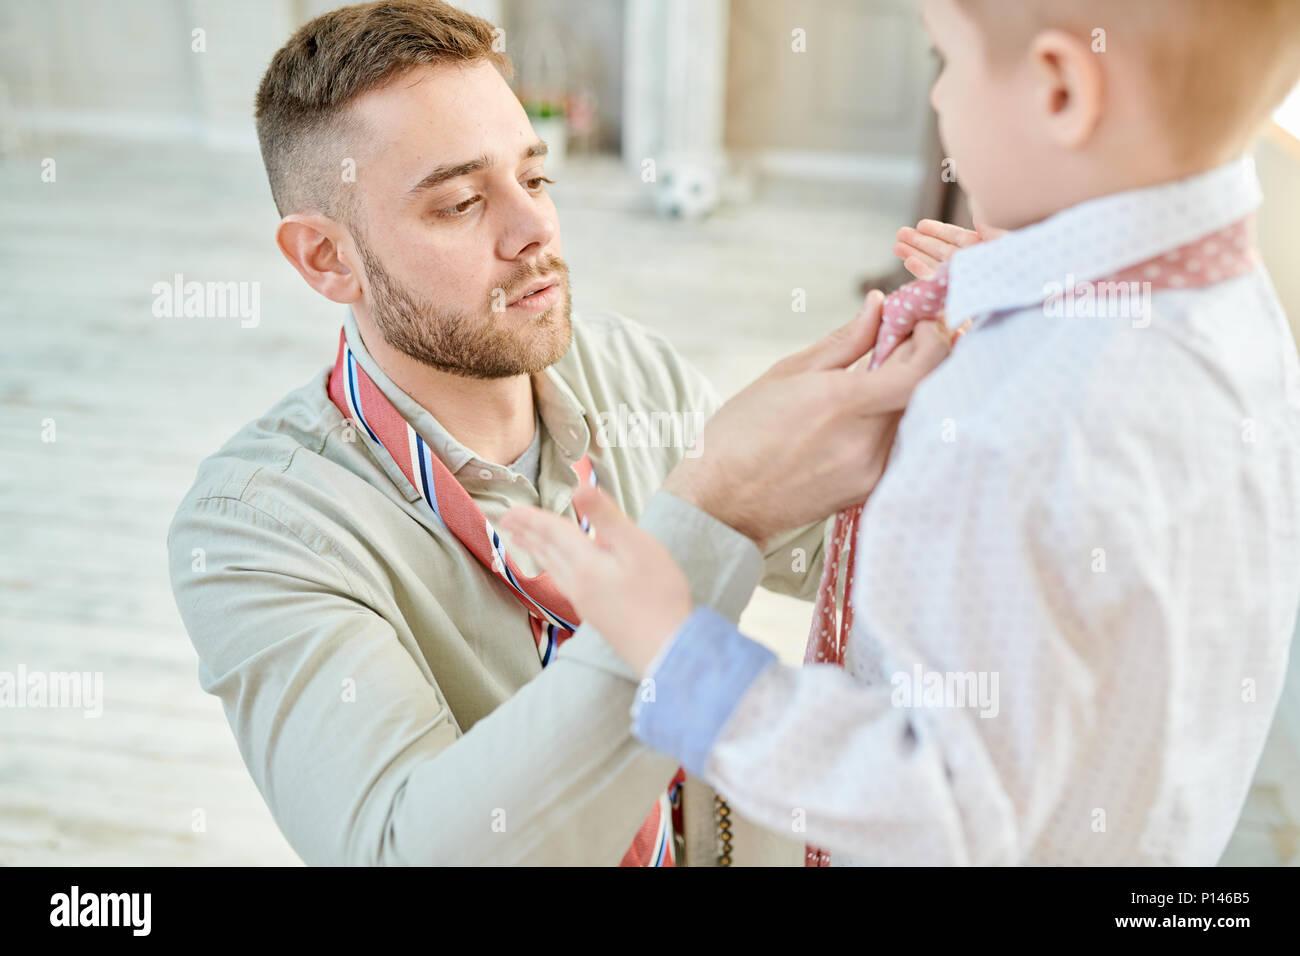 Lieben Vati verknoten Krawatte mit kleinen Sohn Stockbild